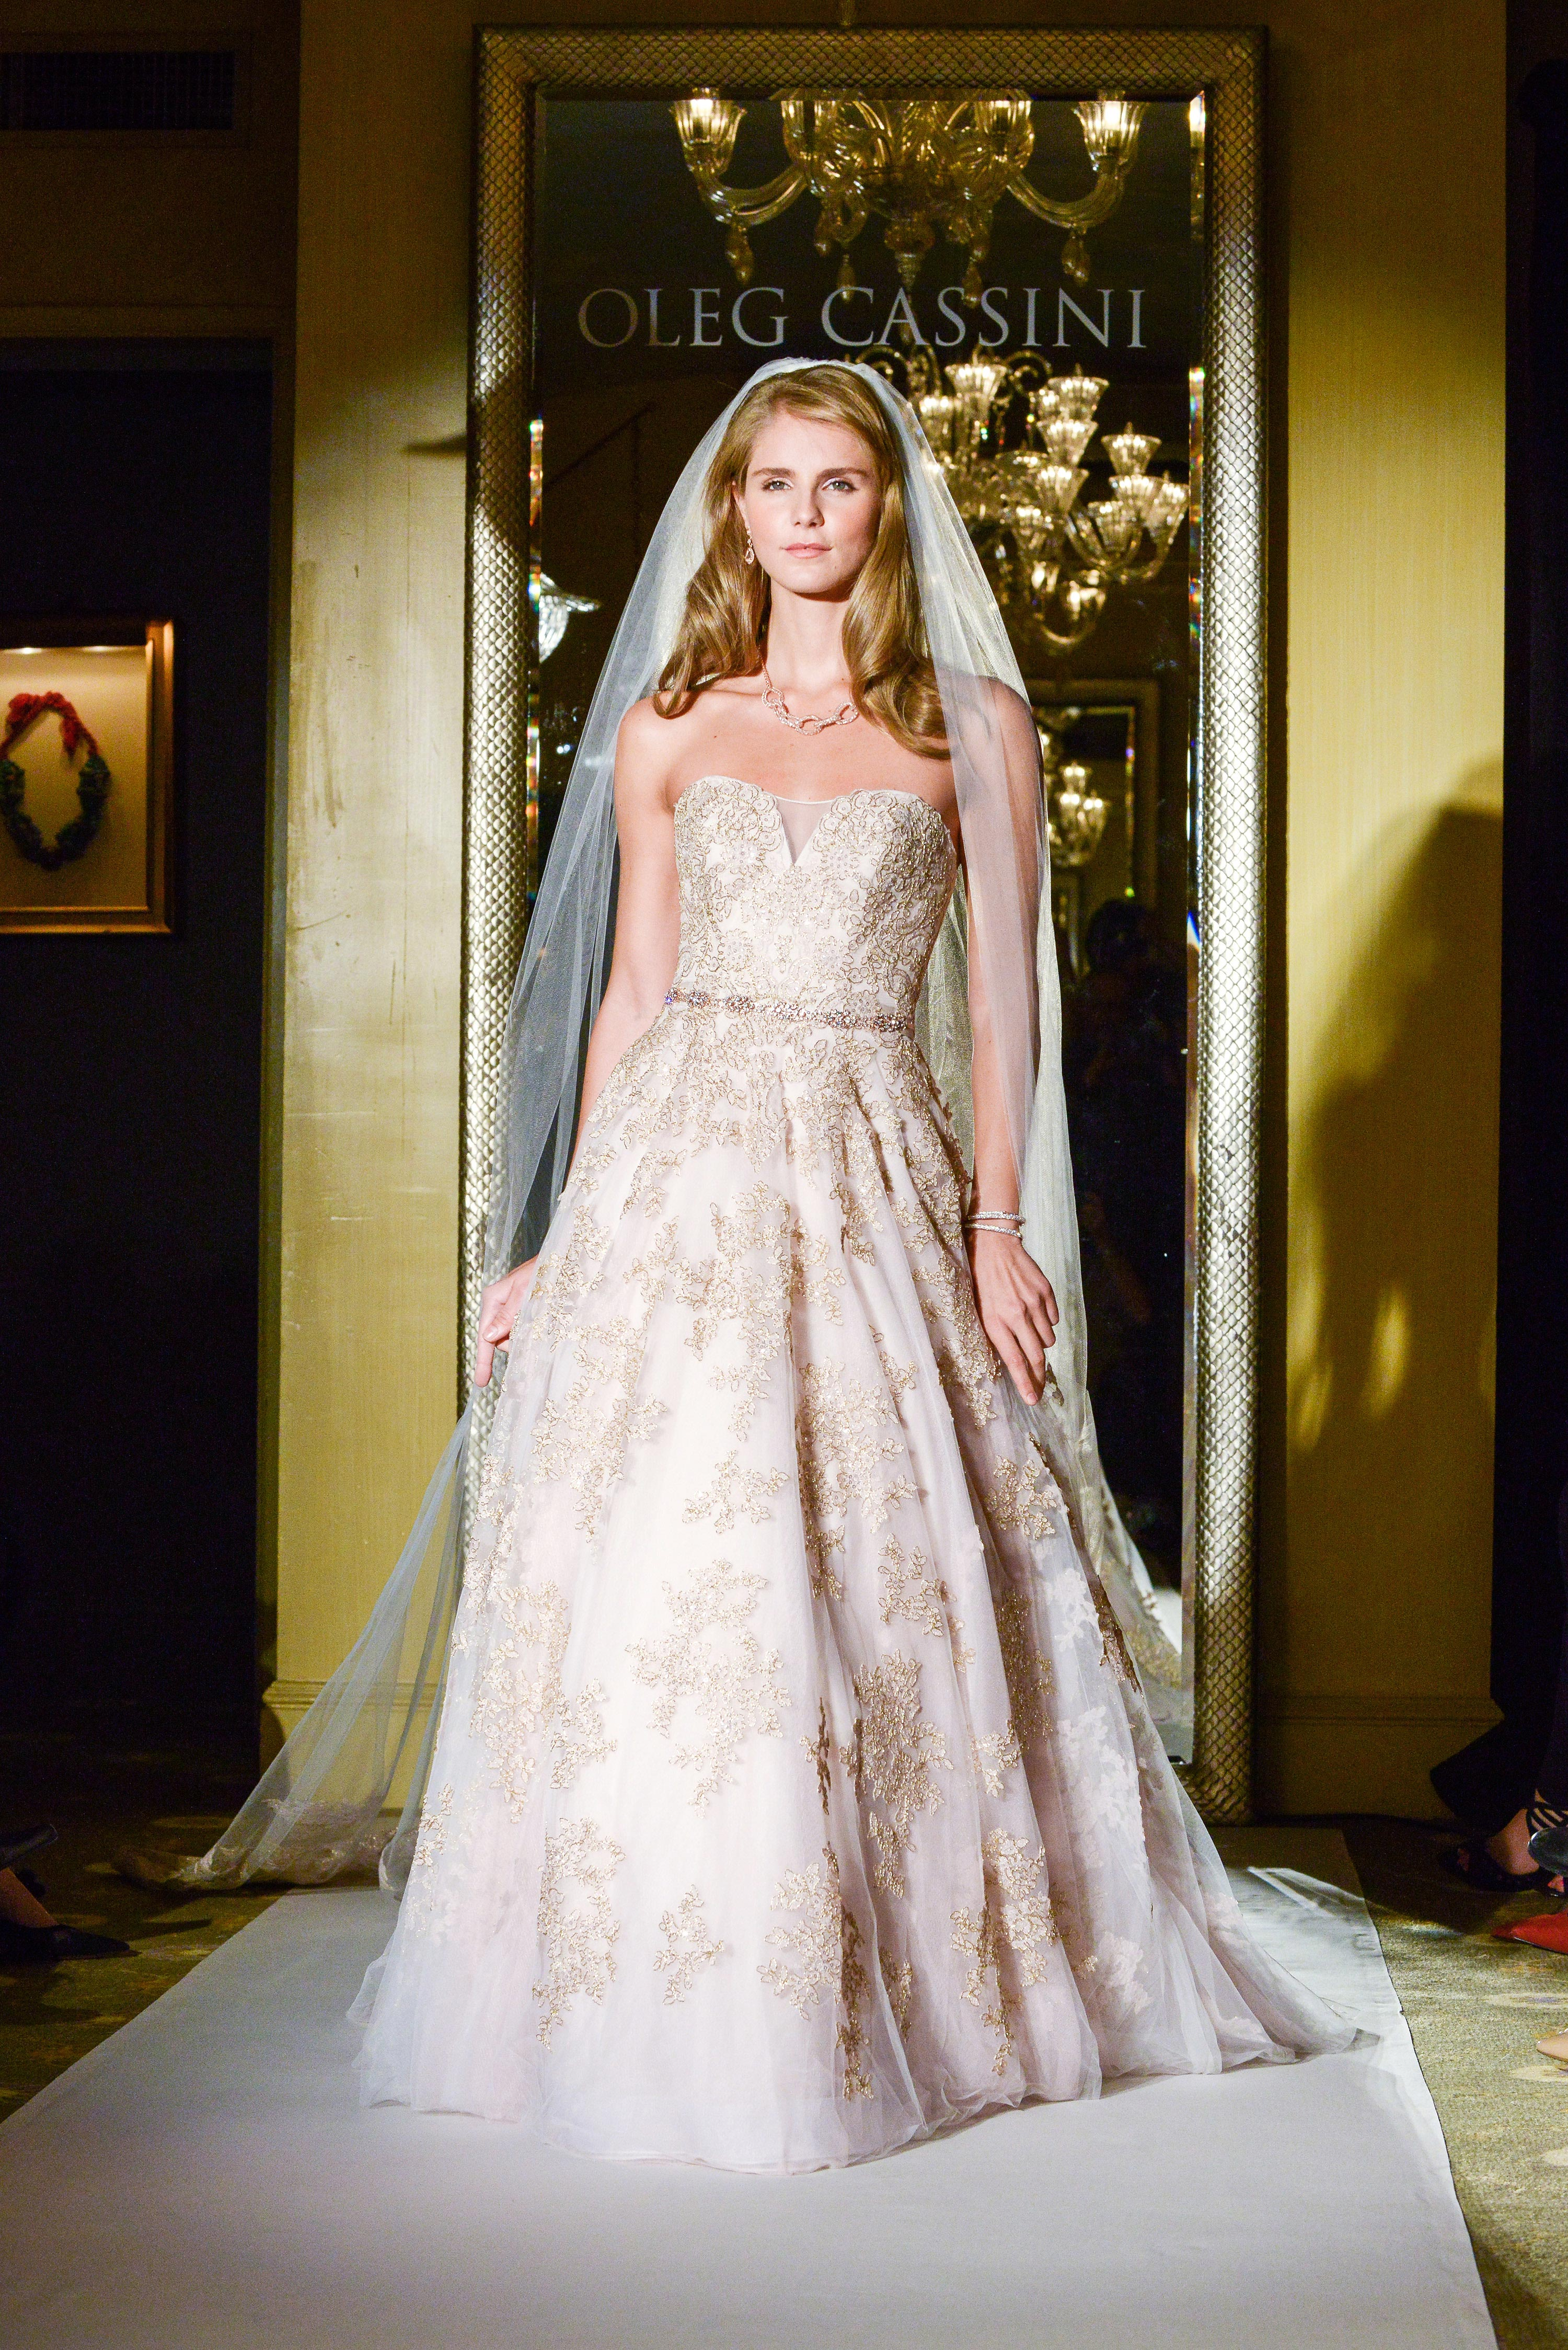 Oleg Cassini Fall 2017 Wedding Dress Collection Martha Stewart